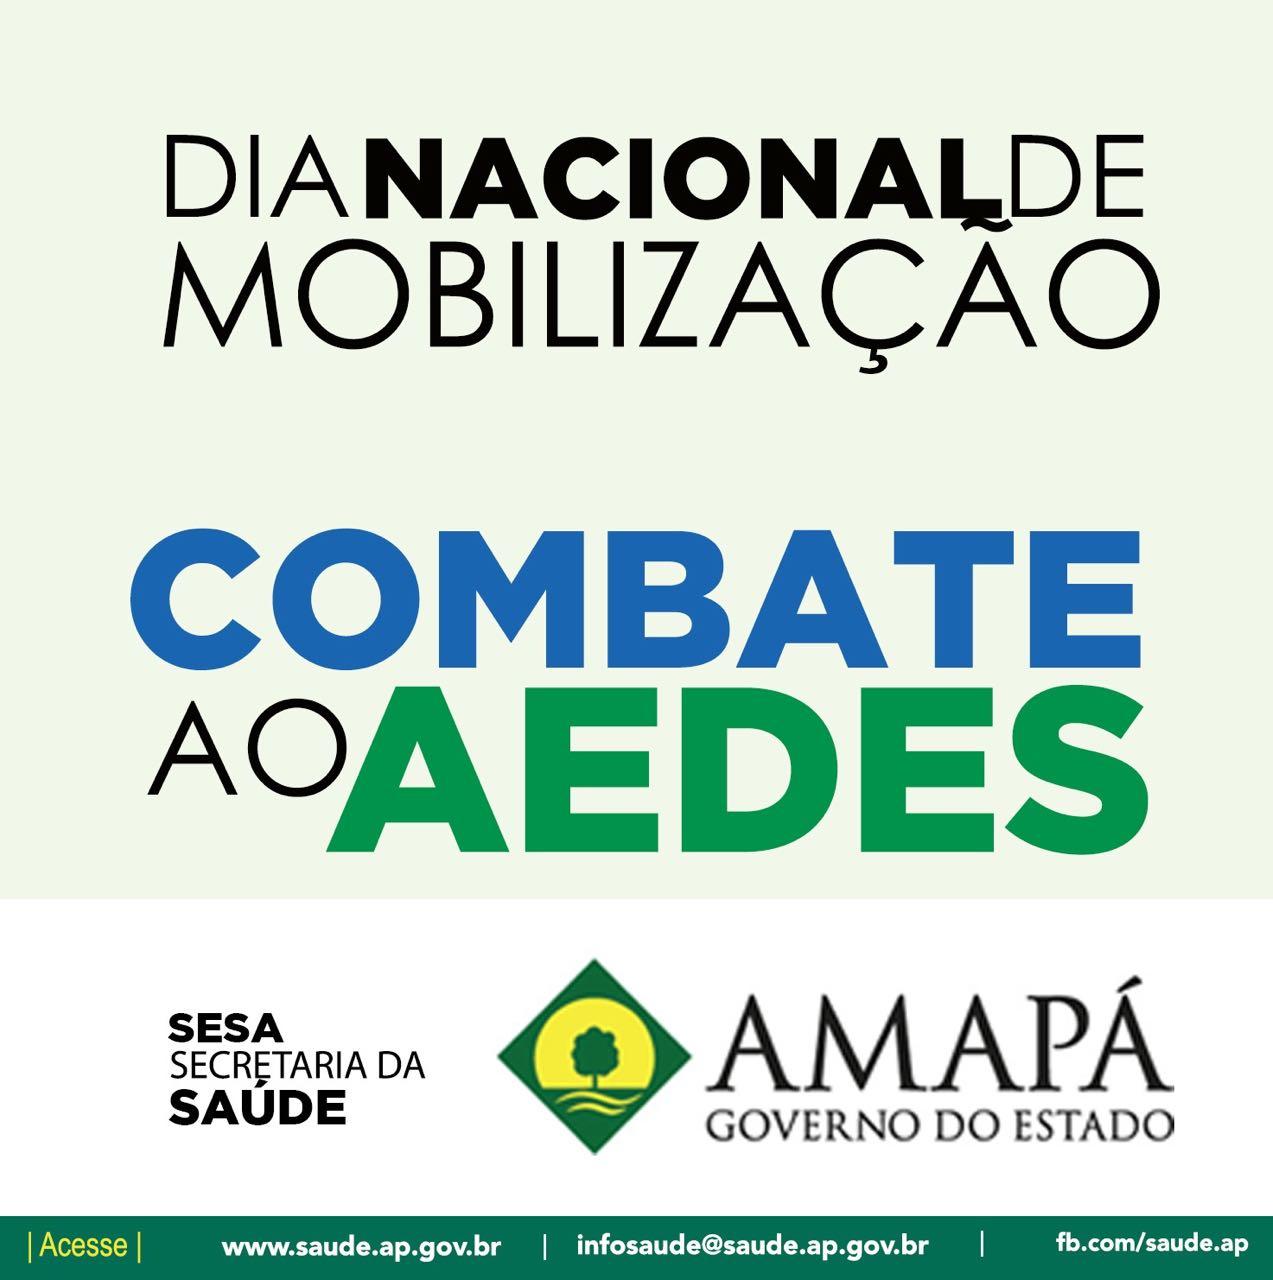 Mobilização no Amapá vai reforçar ação de combate ao aedes aegypti